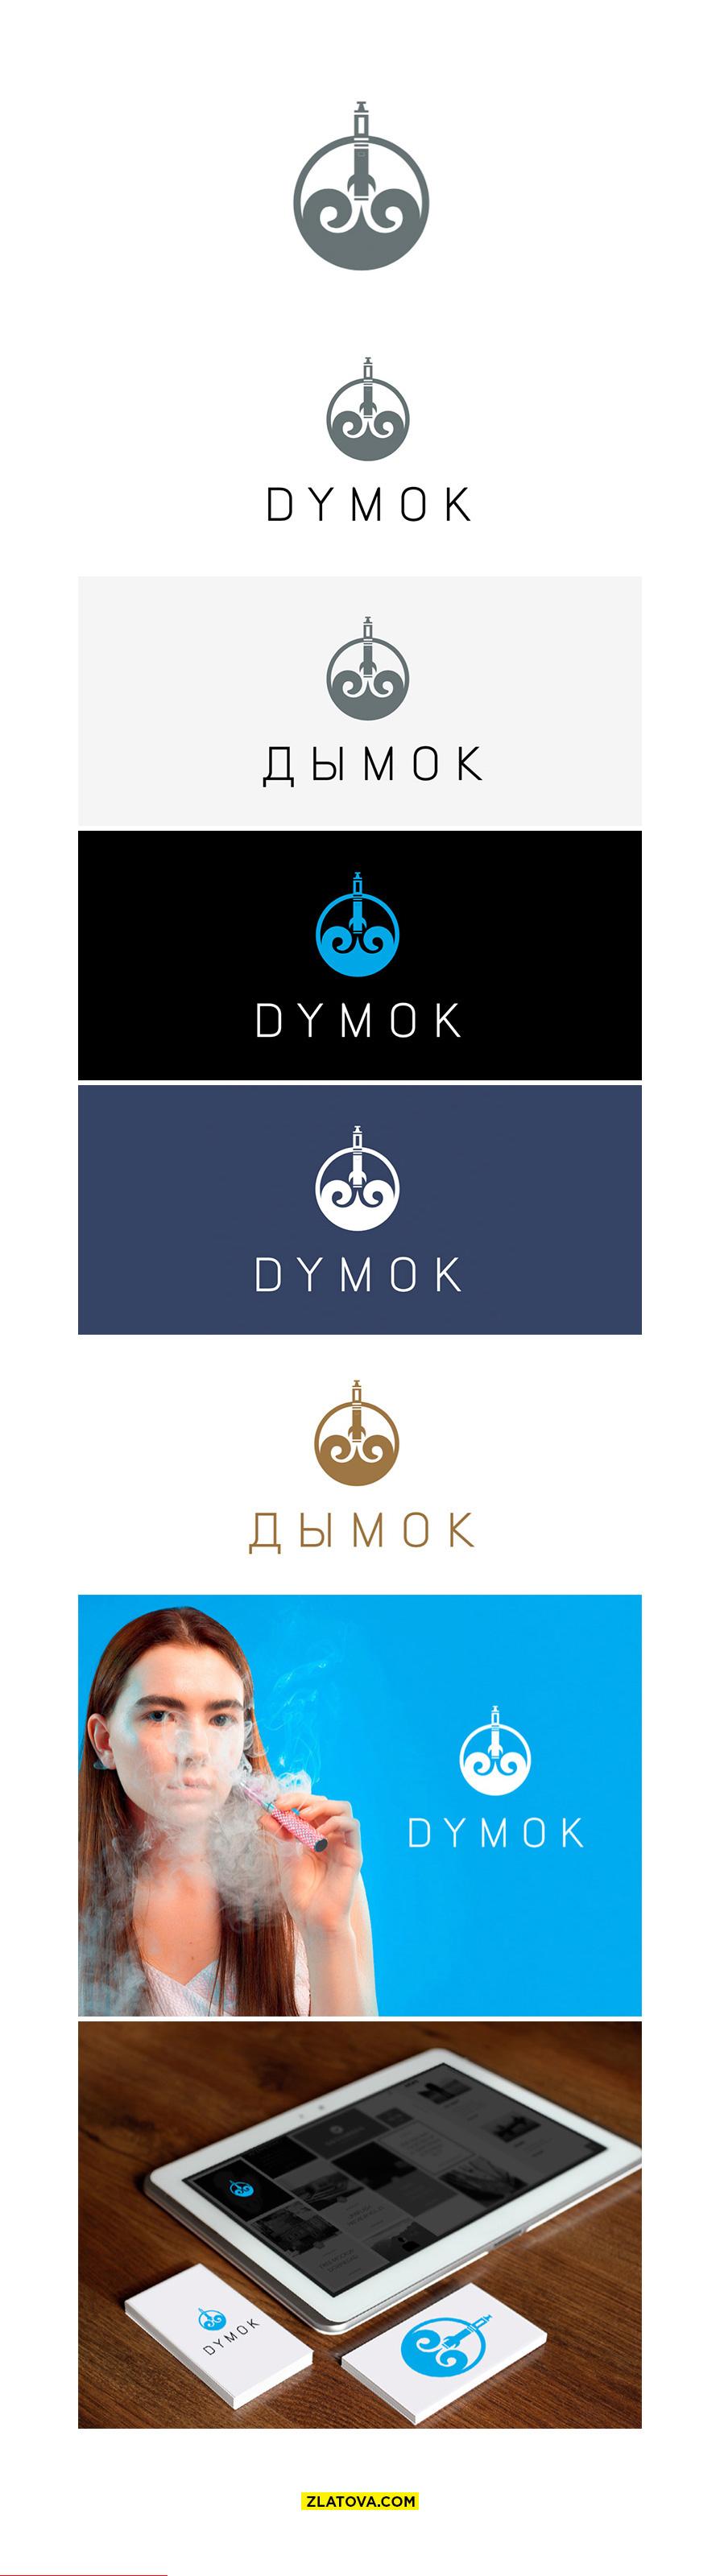 DYMOK